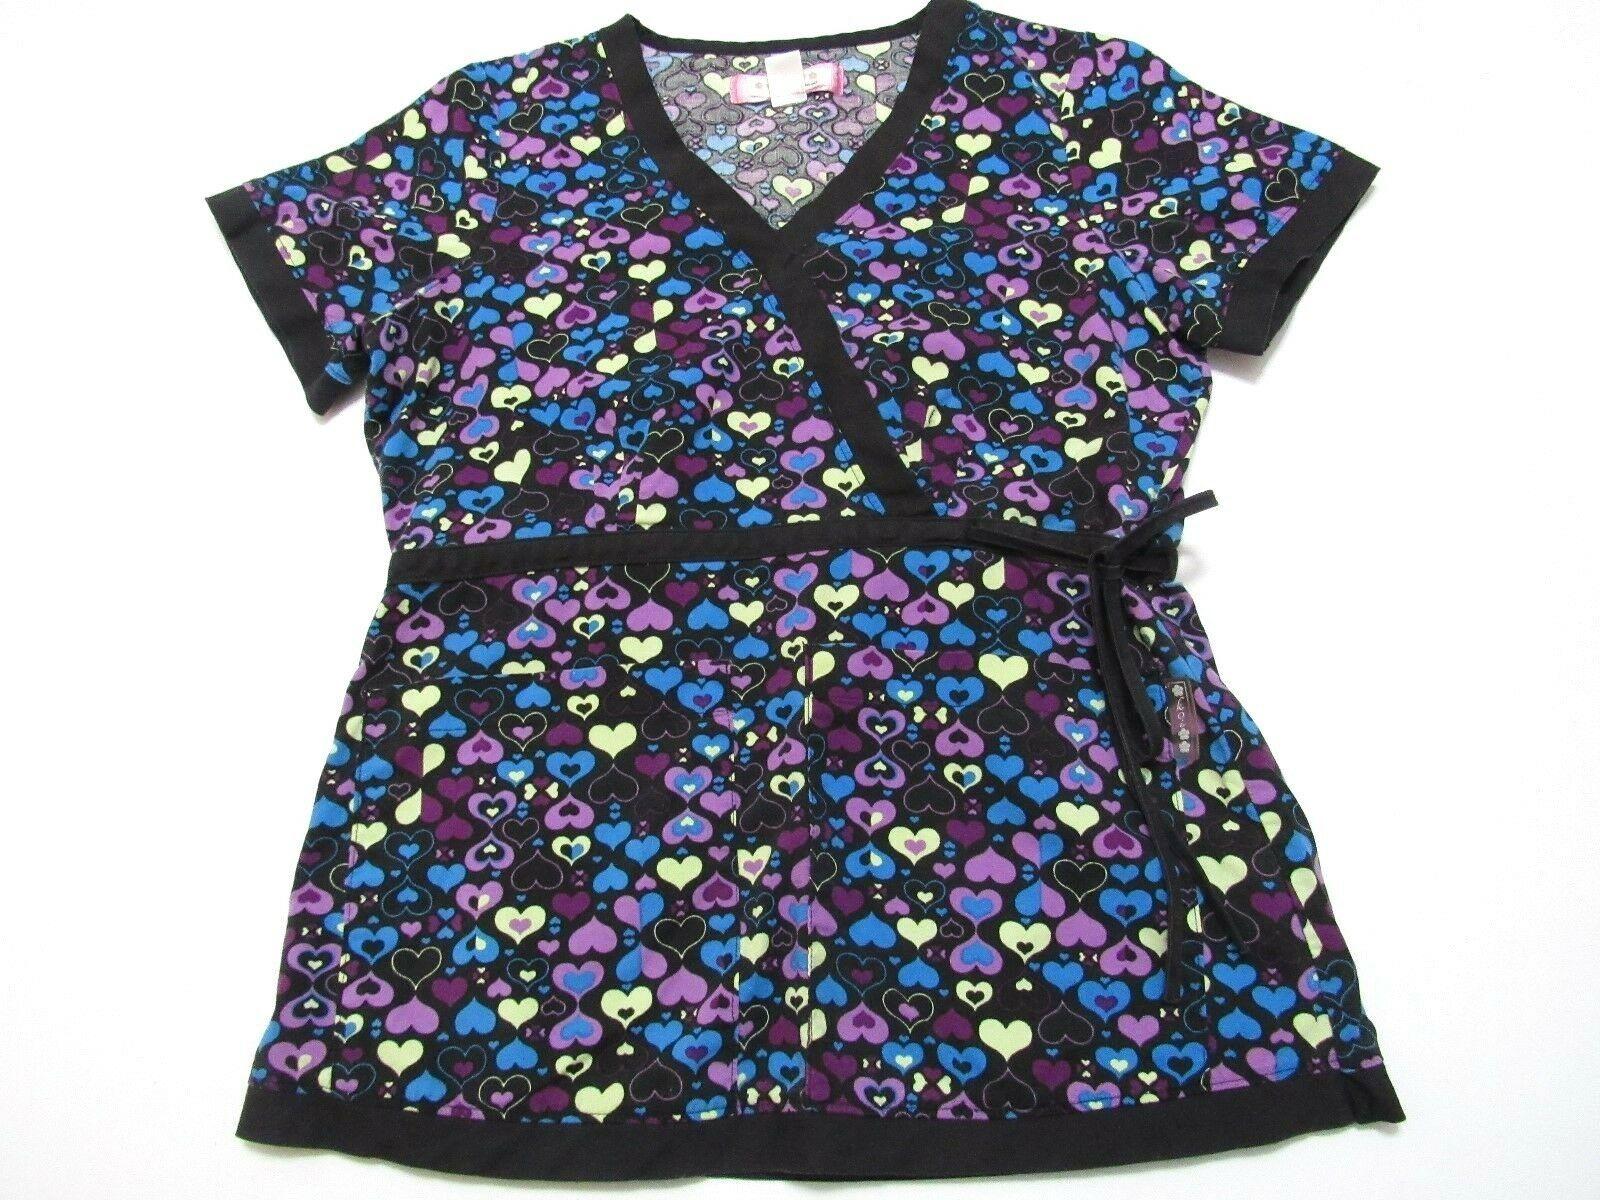 919e9965030 Koi by Kathy Peterson Scrub Top Women's XS Black Purple Blue Yellow Hearts  - $17.81